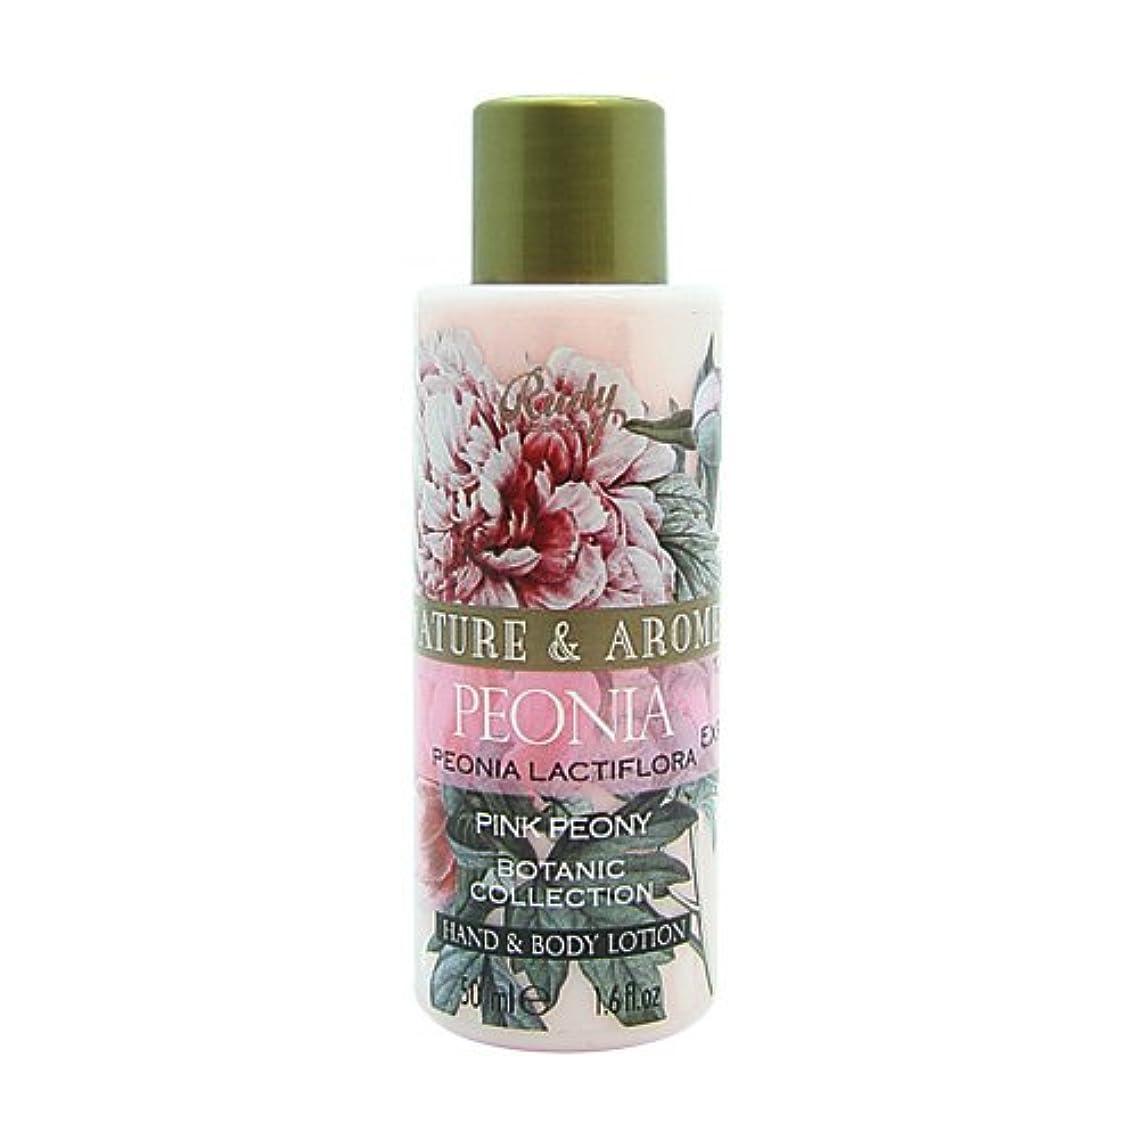 不完全学部長有名なRUDY Nature&Arome SERIES ルディ ナチュール&アロマ Mini Body lotion ミニボディローション ピンクピオニー